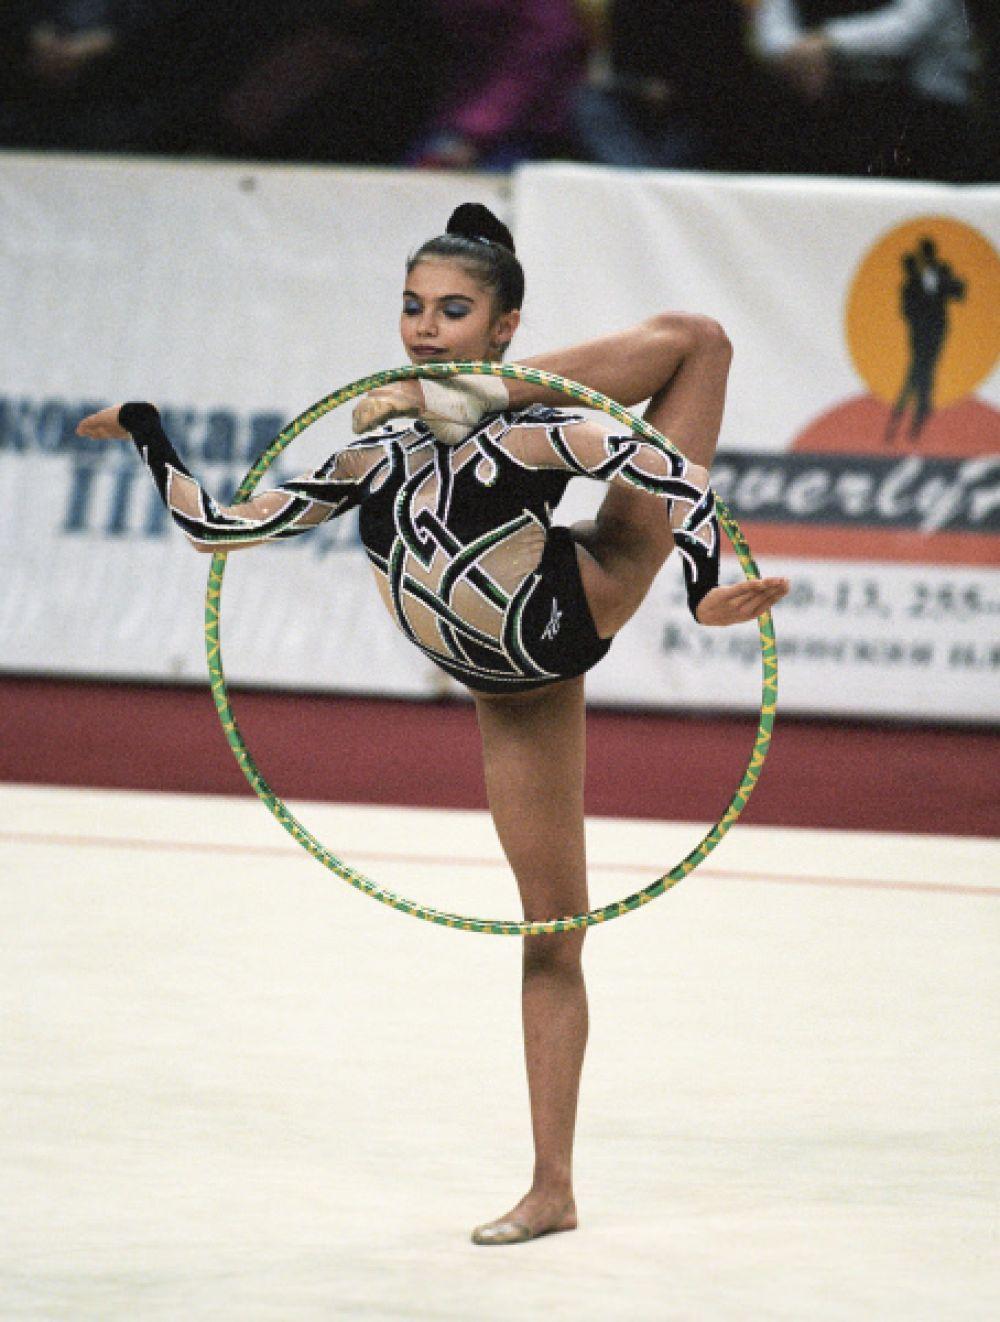 Алина Кабаева родилась в Ташкенте в семье профессионального футболиста, и уже в 3,5 года была отдана мамой в художественную гимнастику. Когда Алине было 12, мама перевезла ее в Москву для занятий с тренером Ириной Винер.